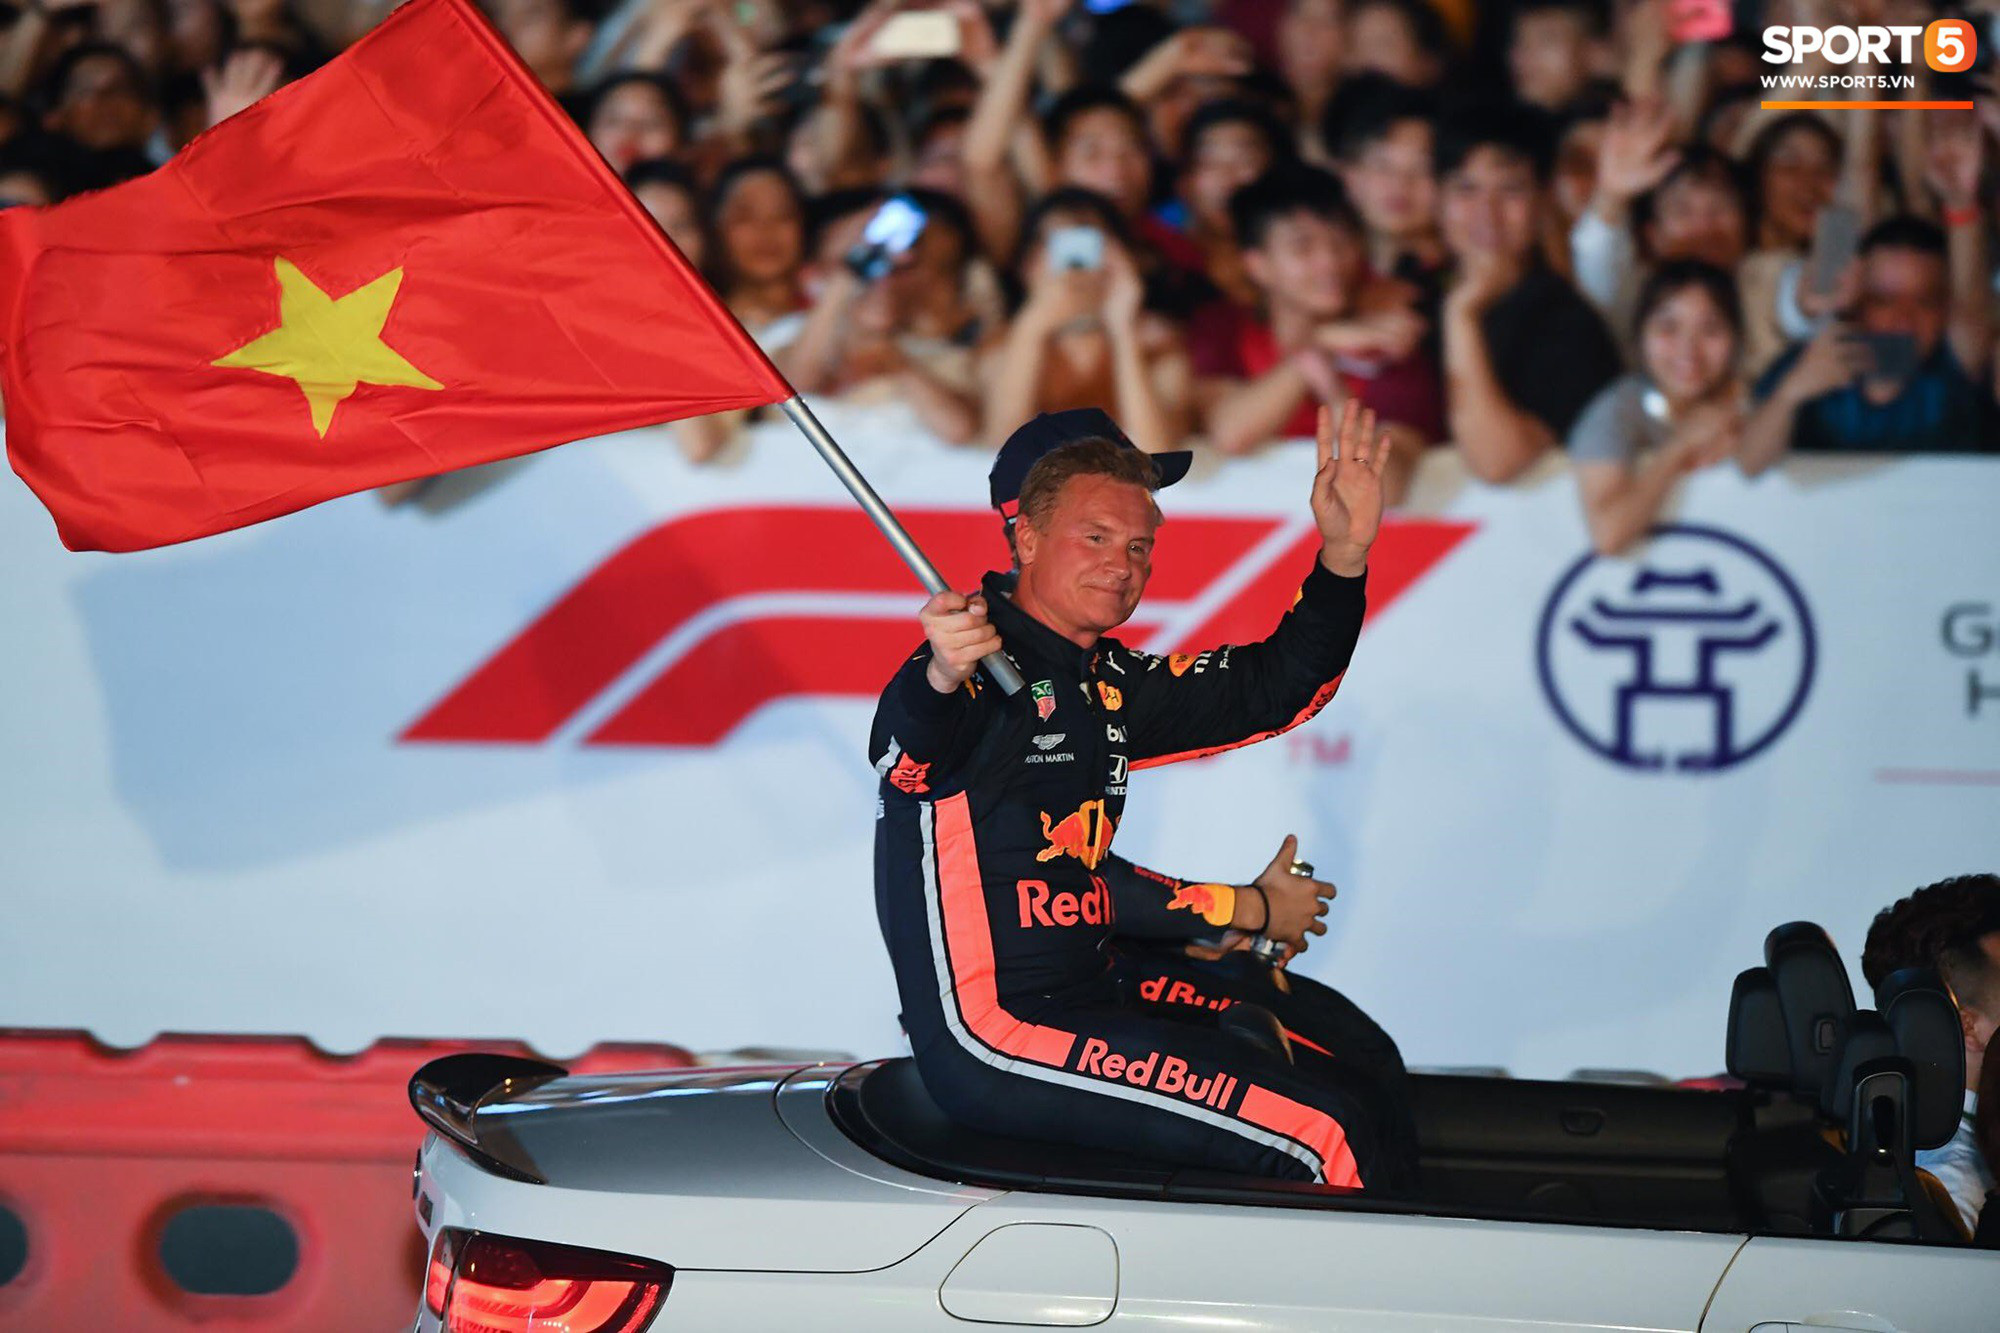 Tổng giám đốc Formula 1: Hoãn chặng đua Trung Quốc không ảnh hưởng tới các chặng khác ở châu Á - Ảnh 1.